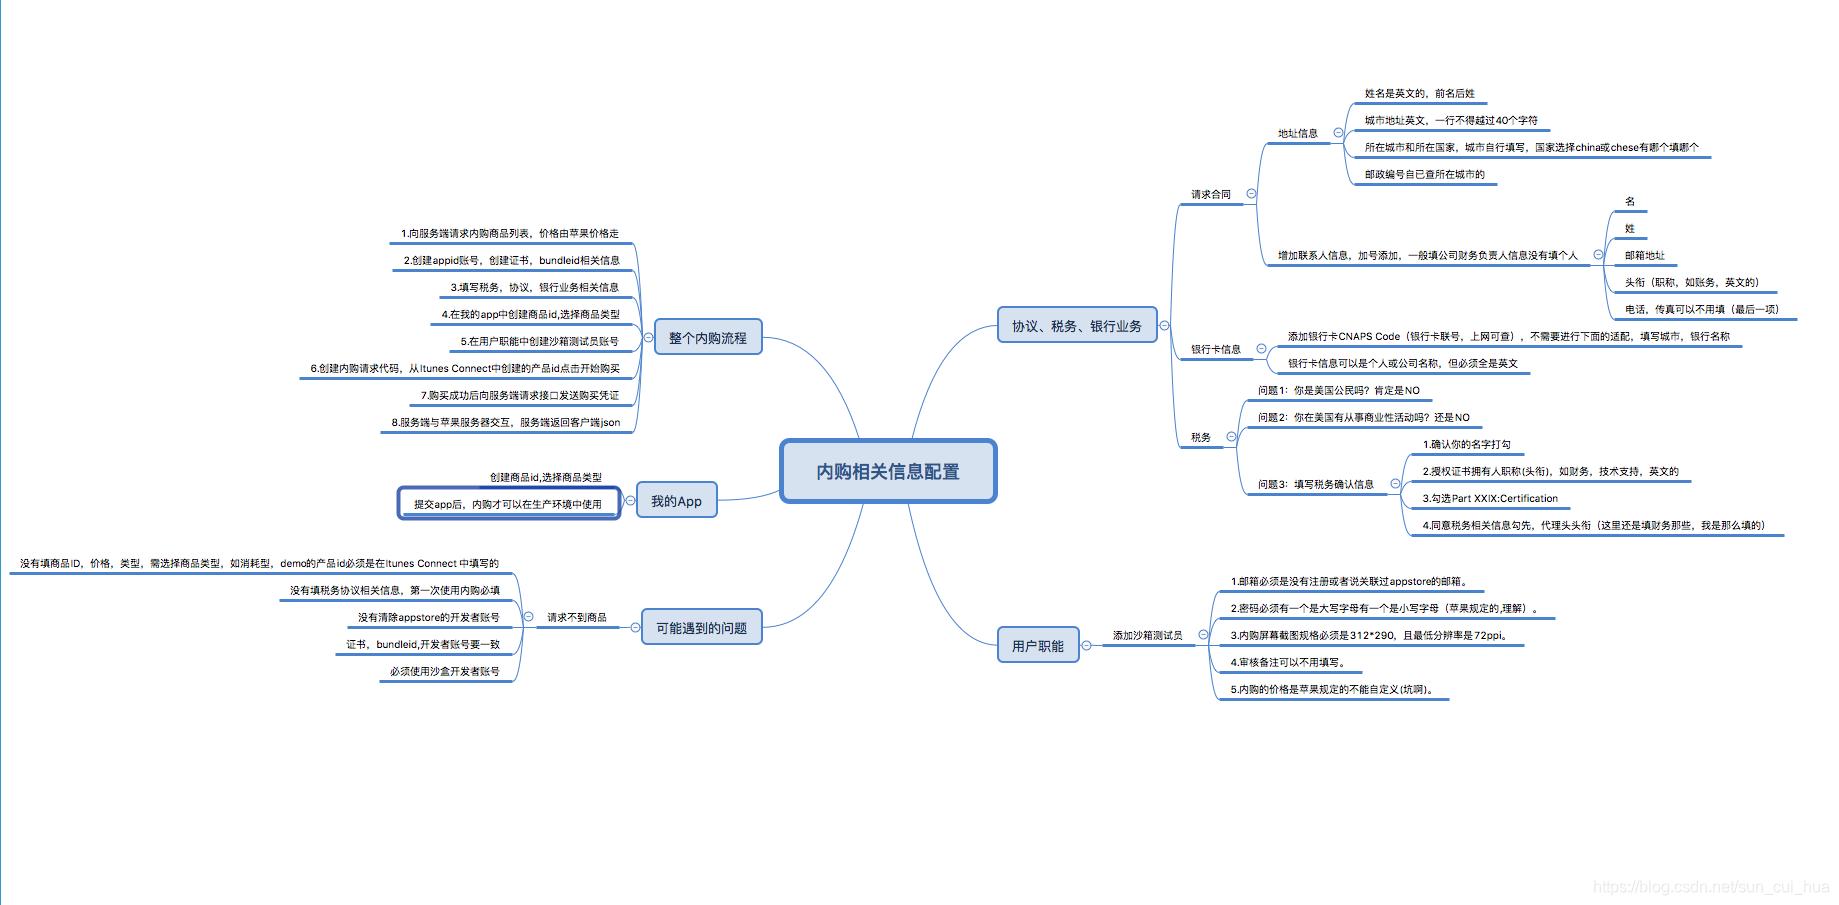 内购流程图